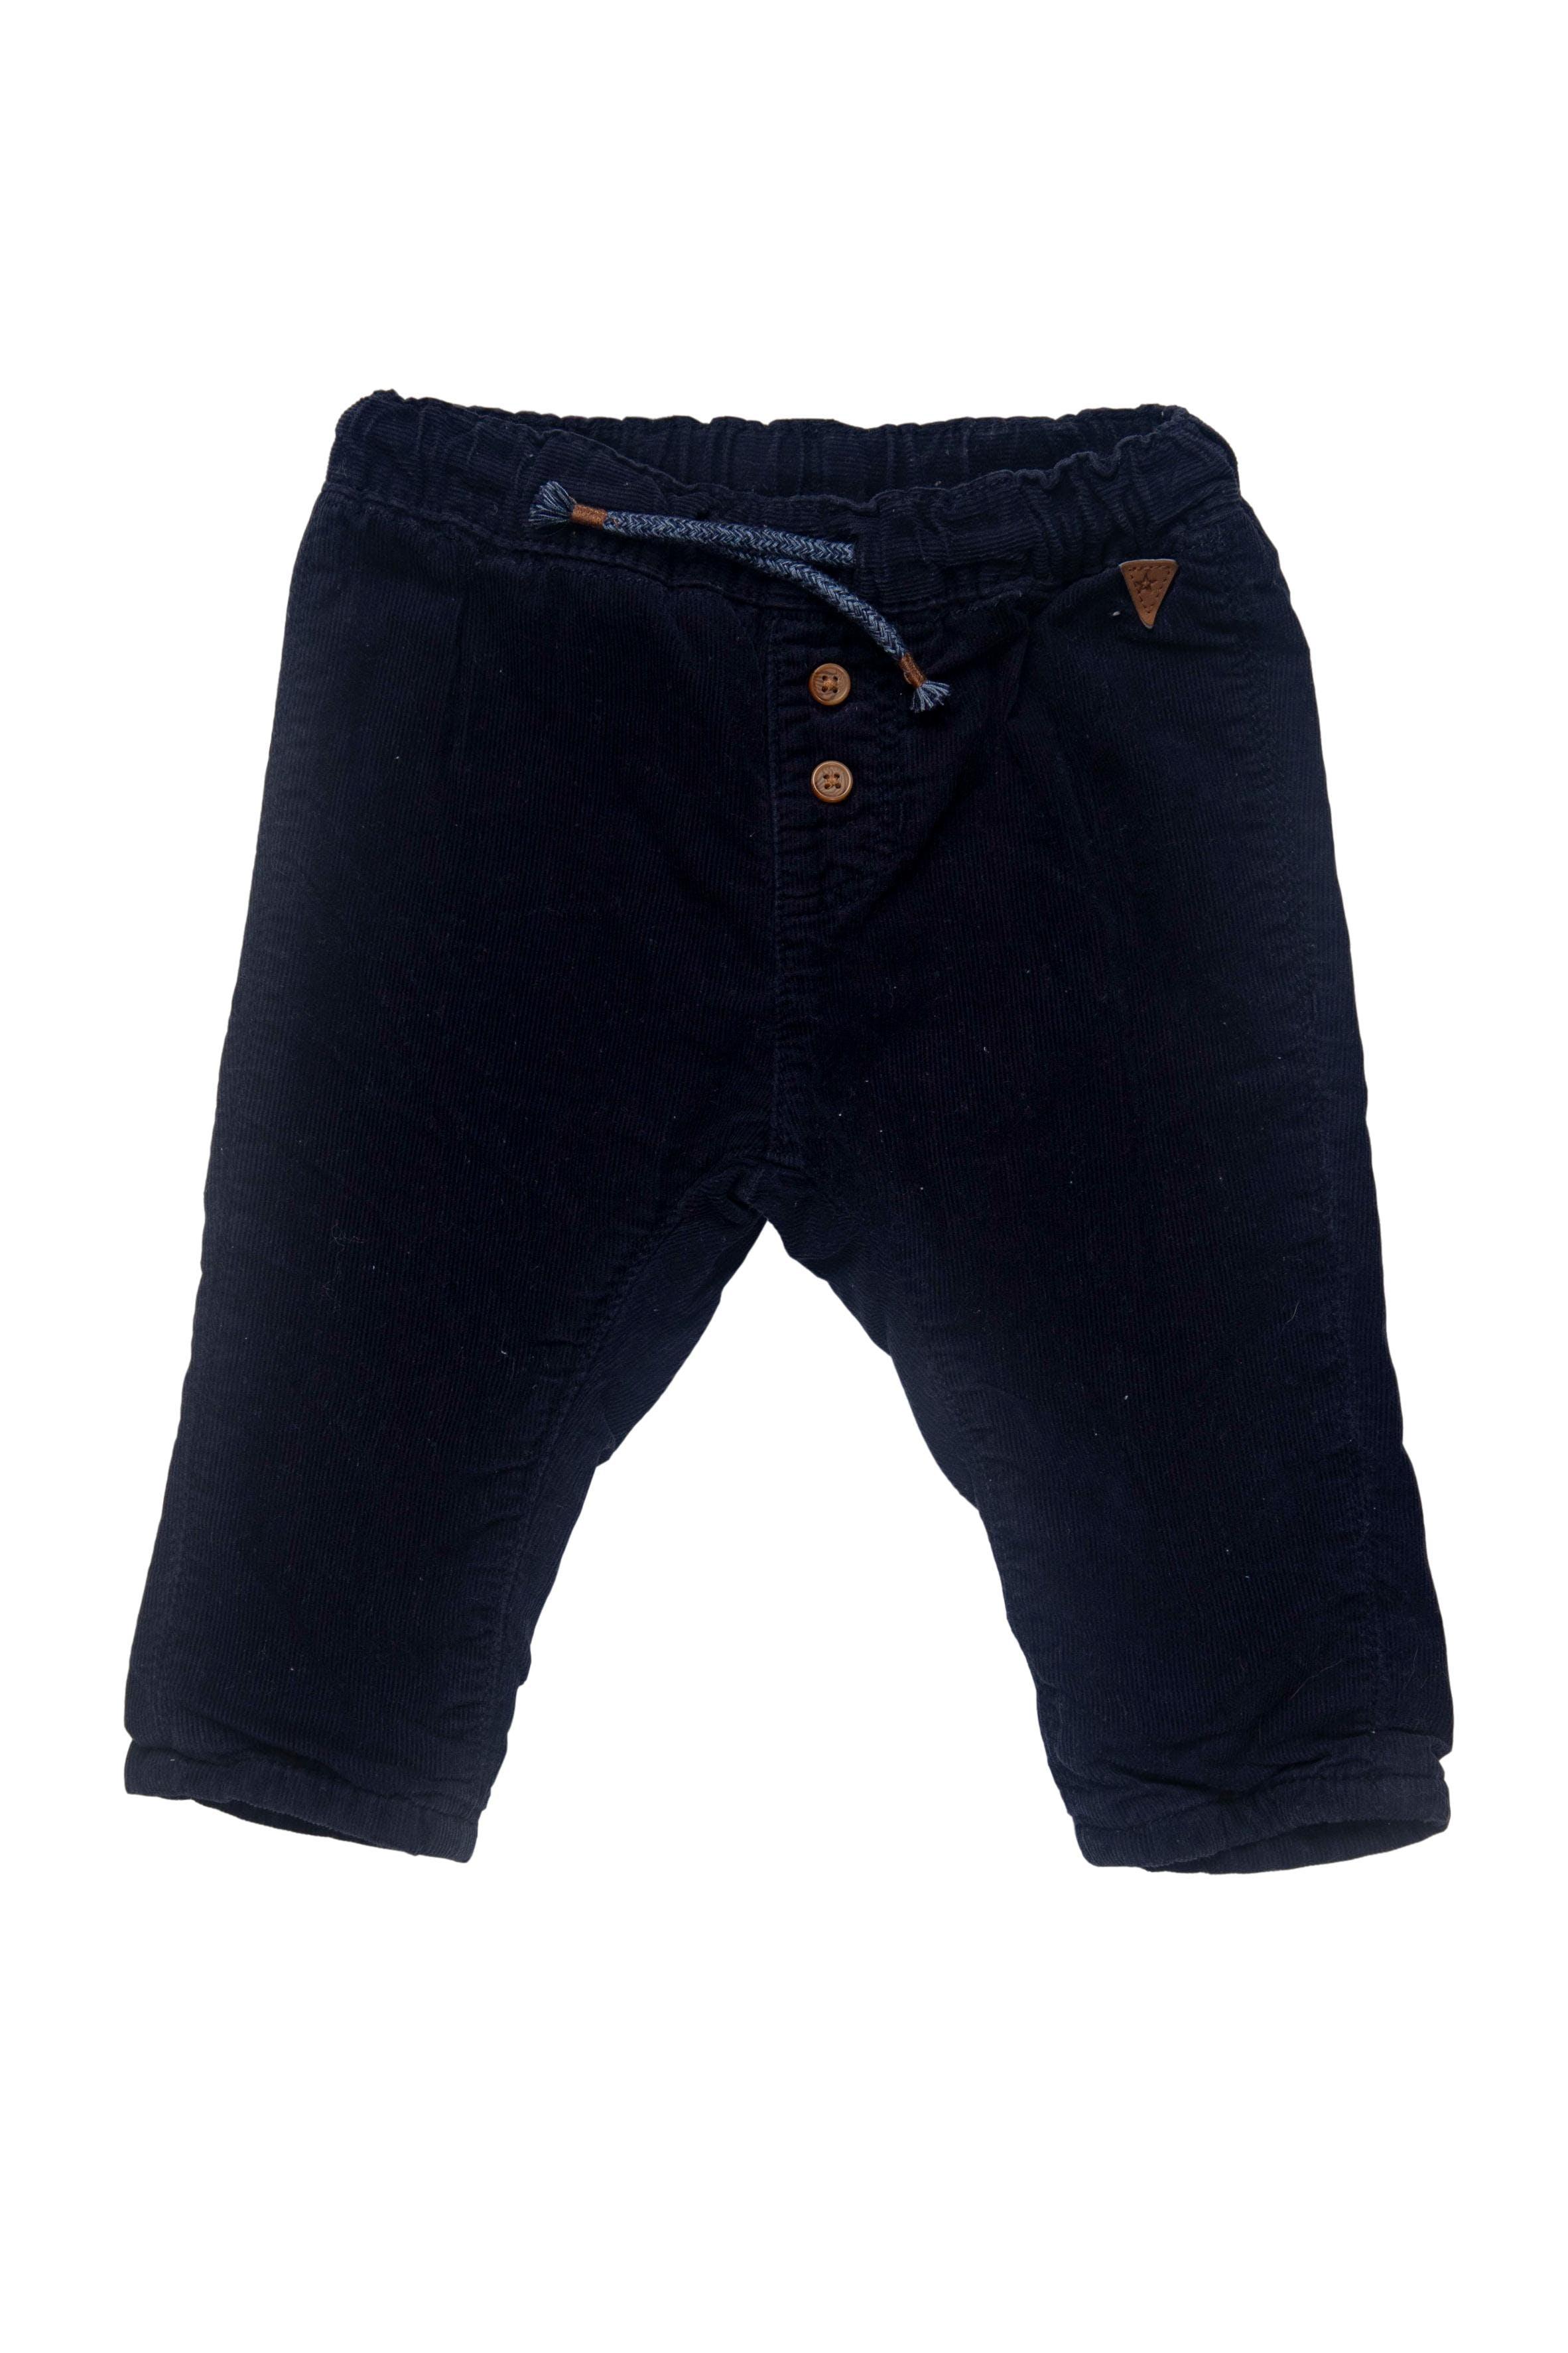 pantalón corderoy delgado 100% algodon, forro 85% algodon, con elastico en la cintura y cinta para ajustar, azul oscuro - H & M